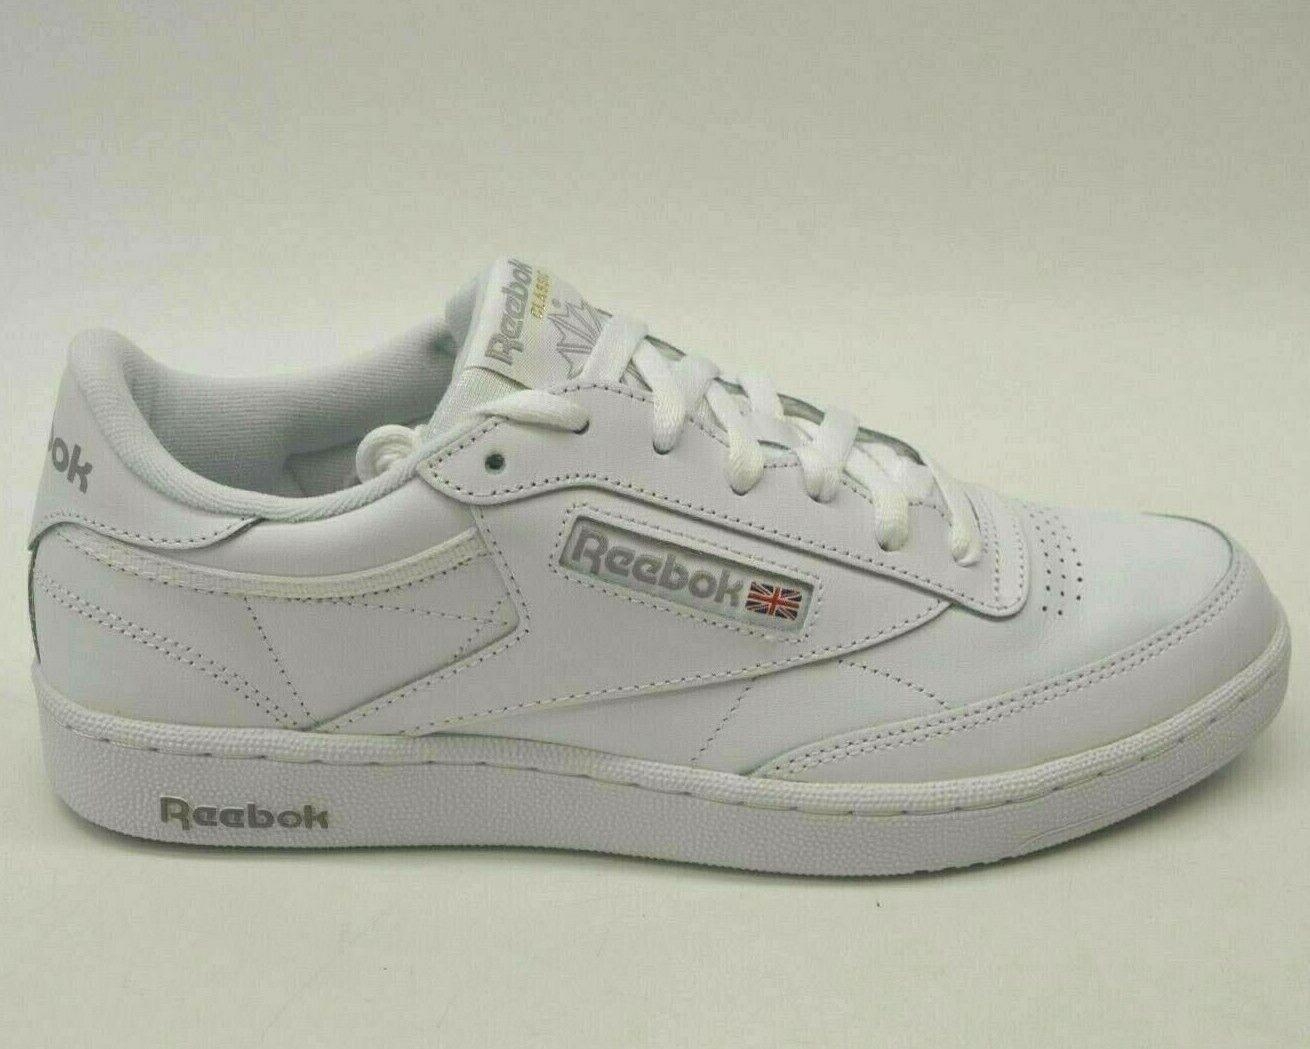 Reebok Hombre US 9.5 Ue 42,5 Cuero blancoo Retro Club 85 Clásico Zapatillas Nuevo